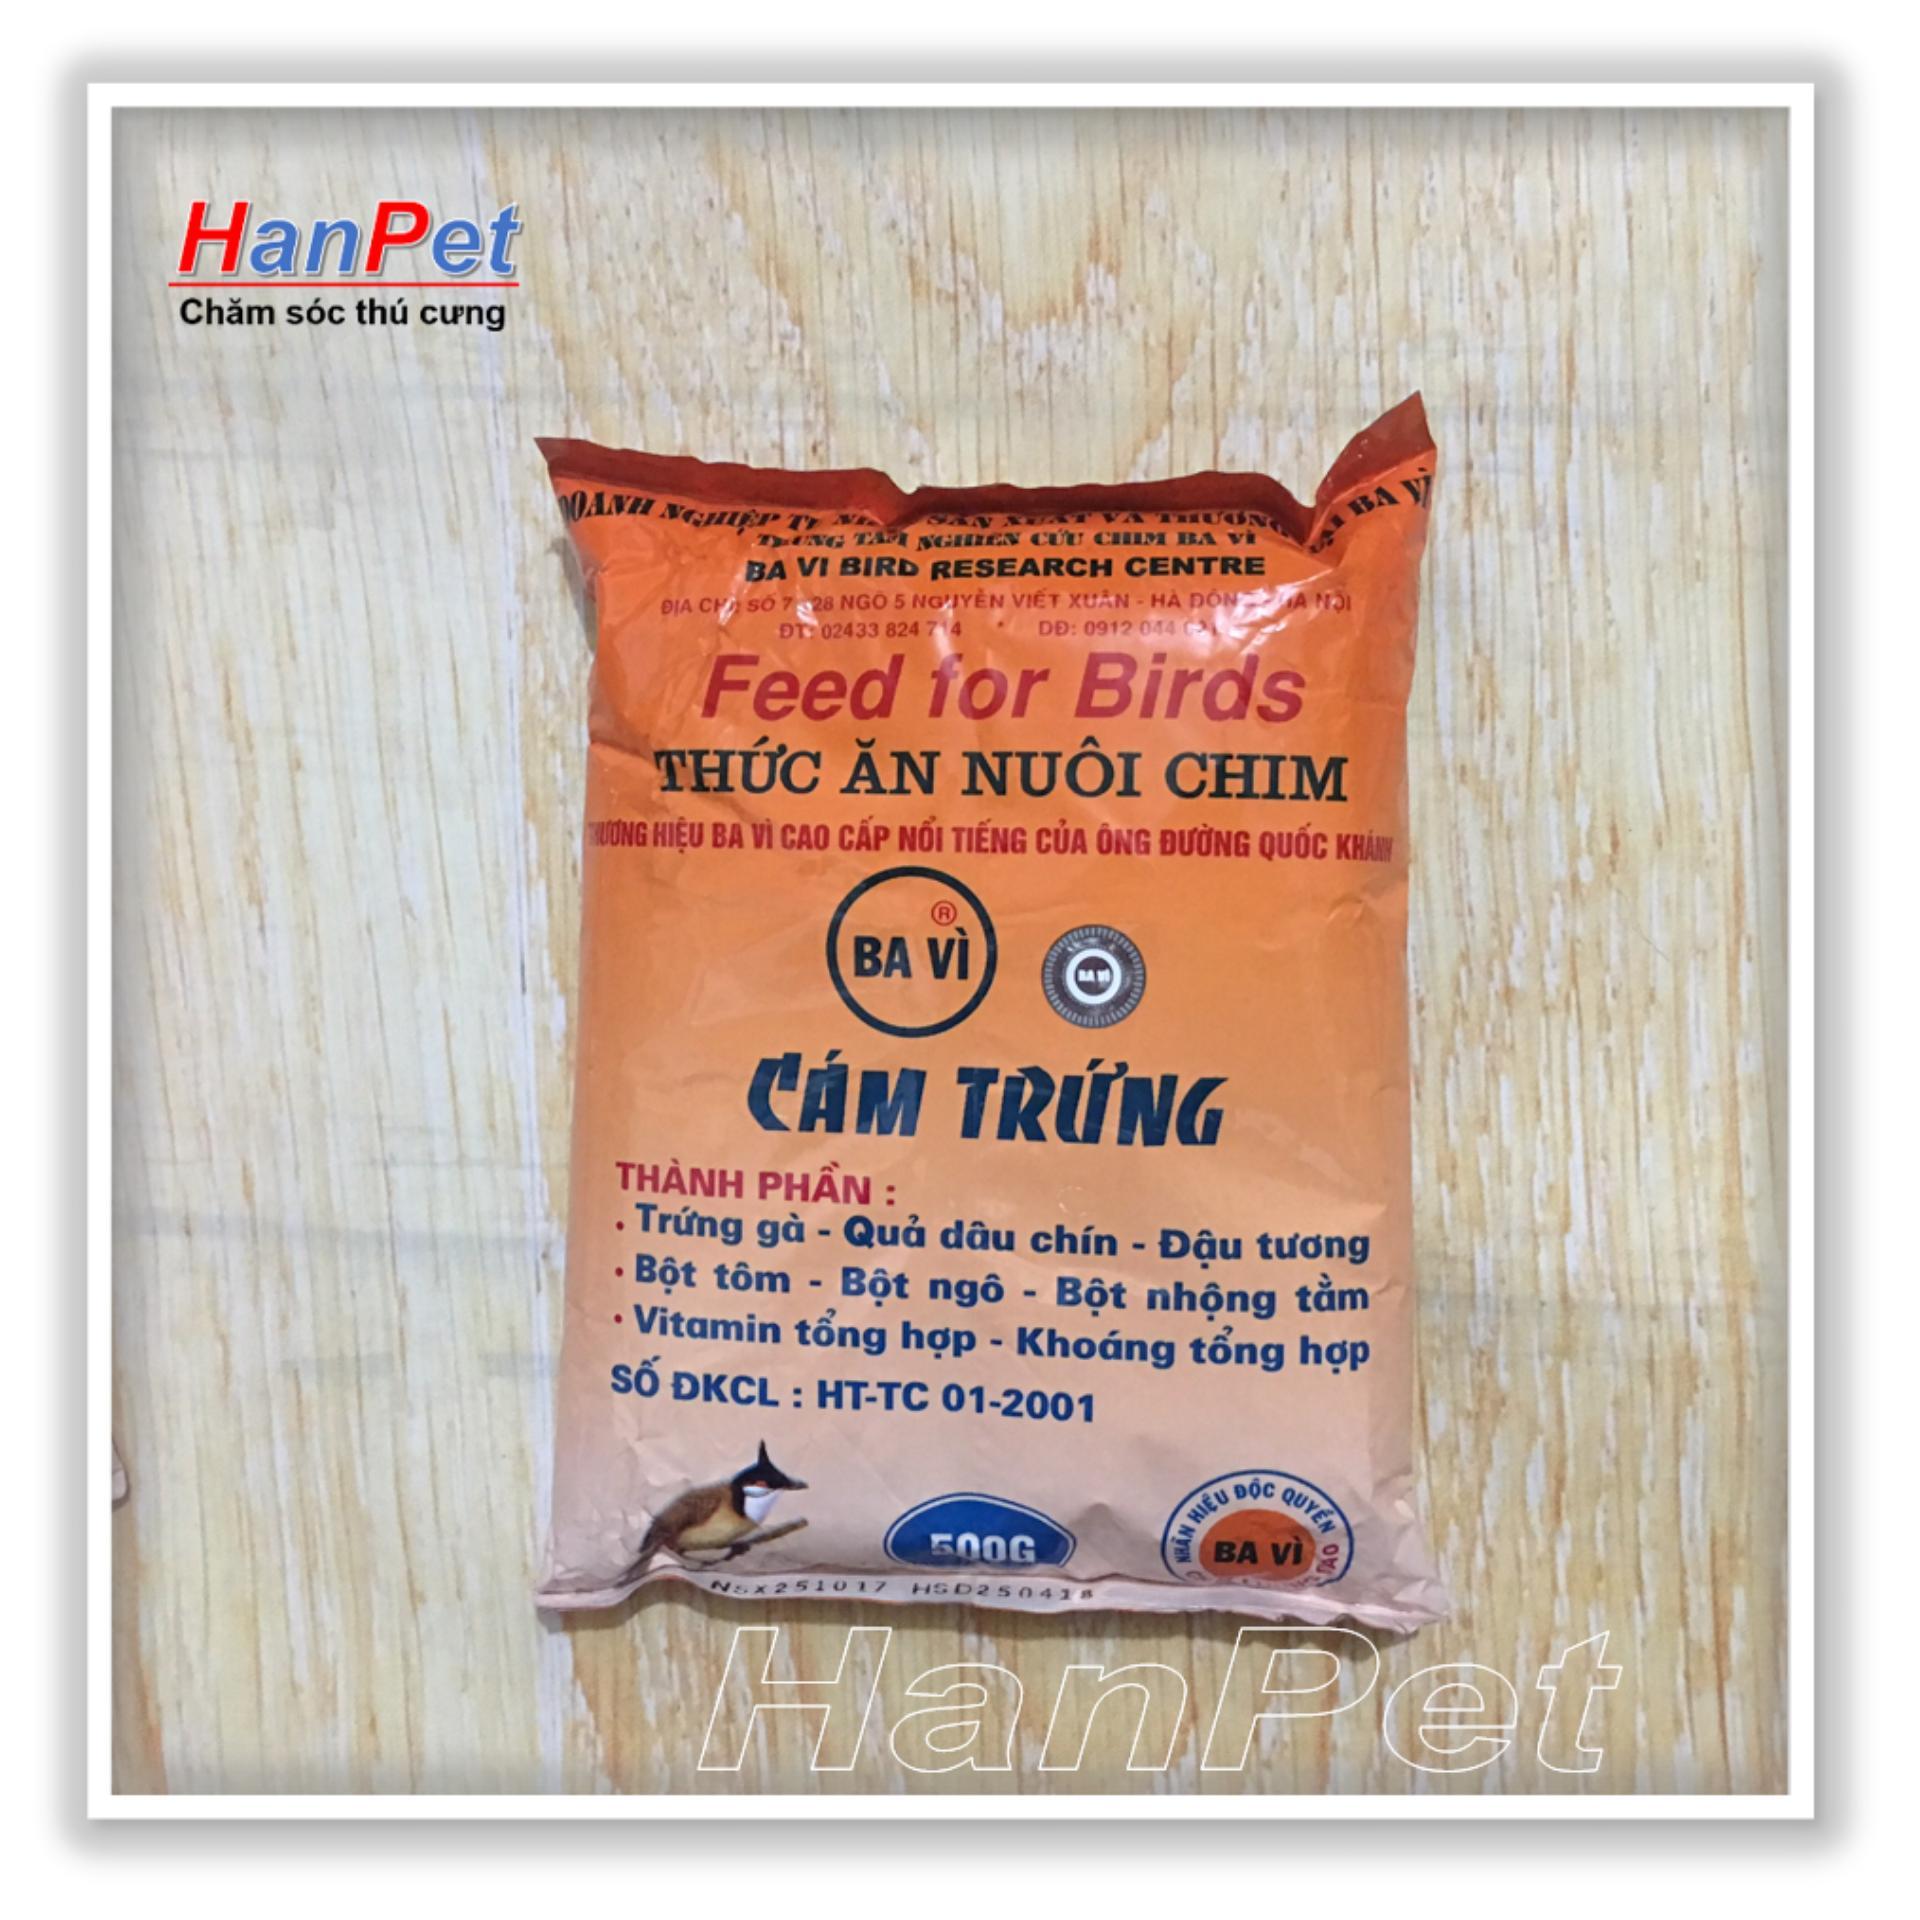 Miễn Phí Hcm>129k -Thức ăn Cho Chim(cám Trứng Bavi - 500gr) (hanpet 214)-Hp10406tc By Hanpet.hcm.